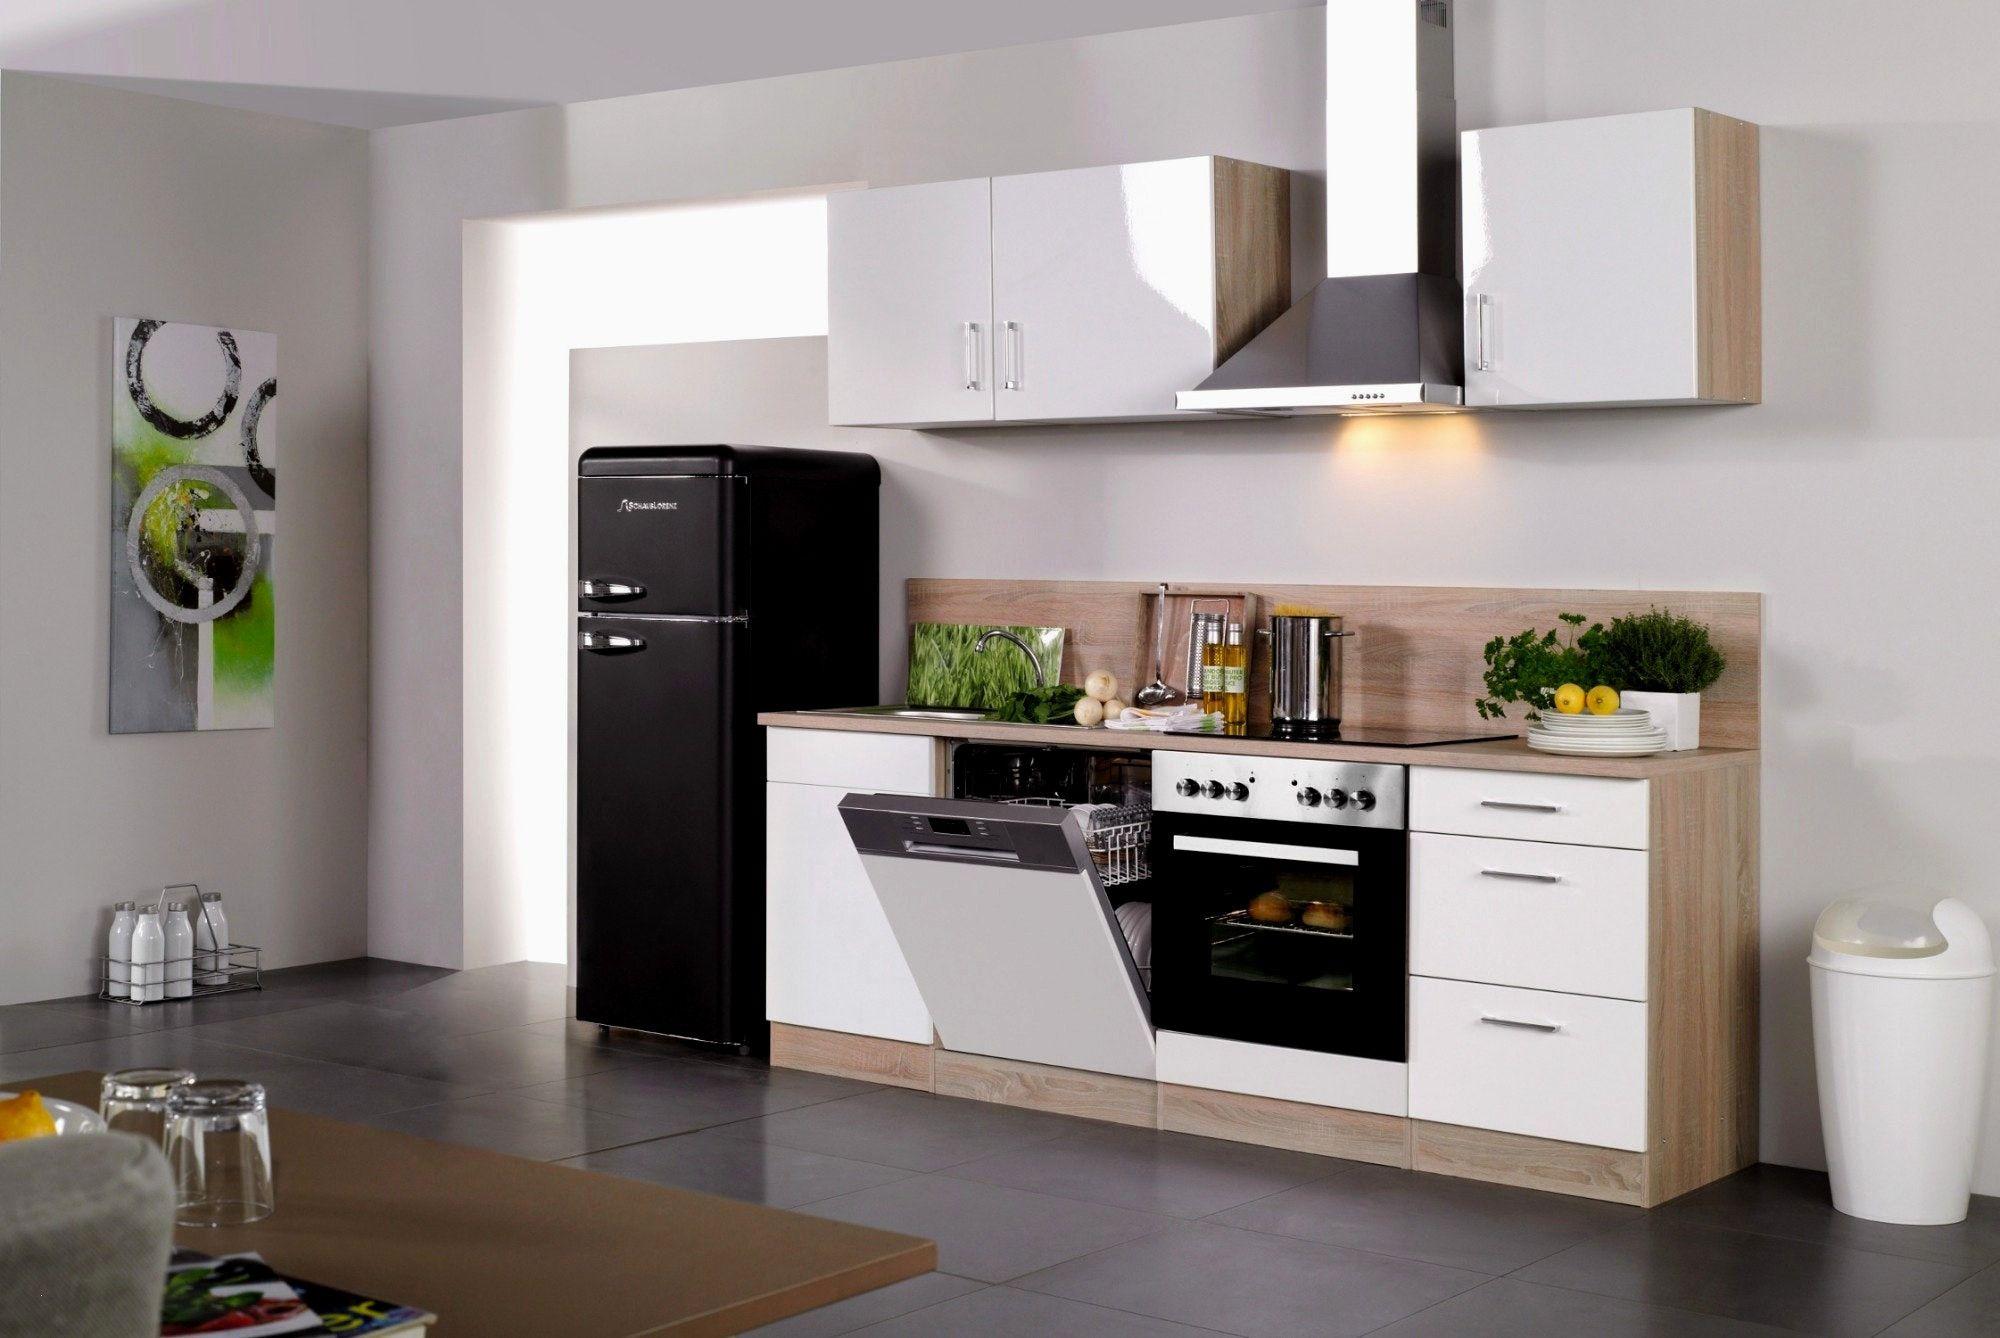 Billige Einbaukuchen Elegant Billige Einbaukuechen Das Beste Von Wohnzimmergarnitur